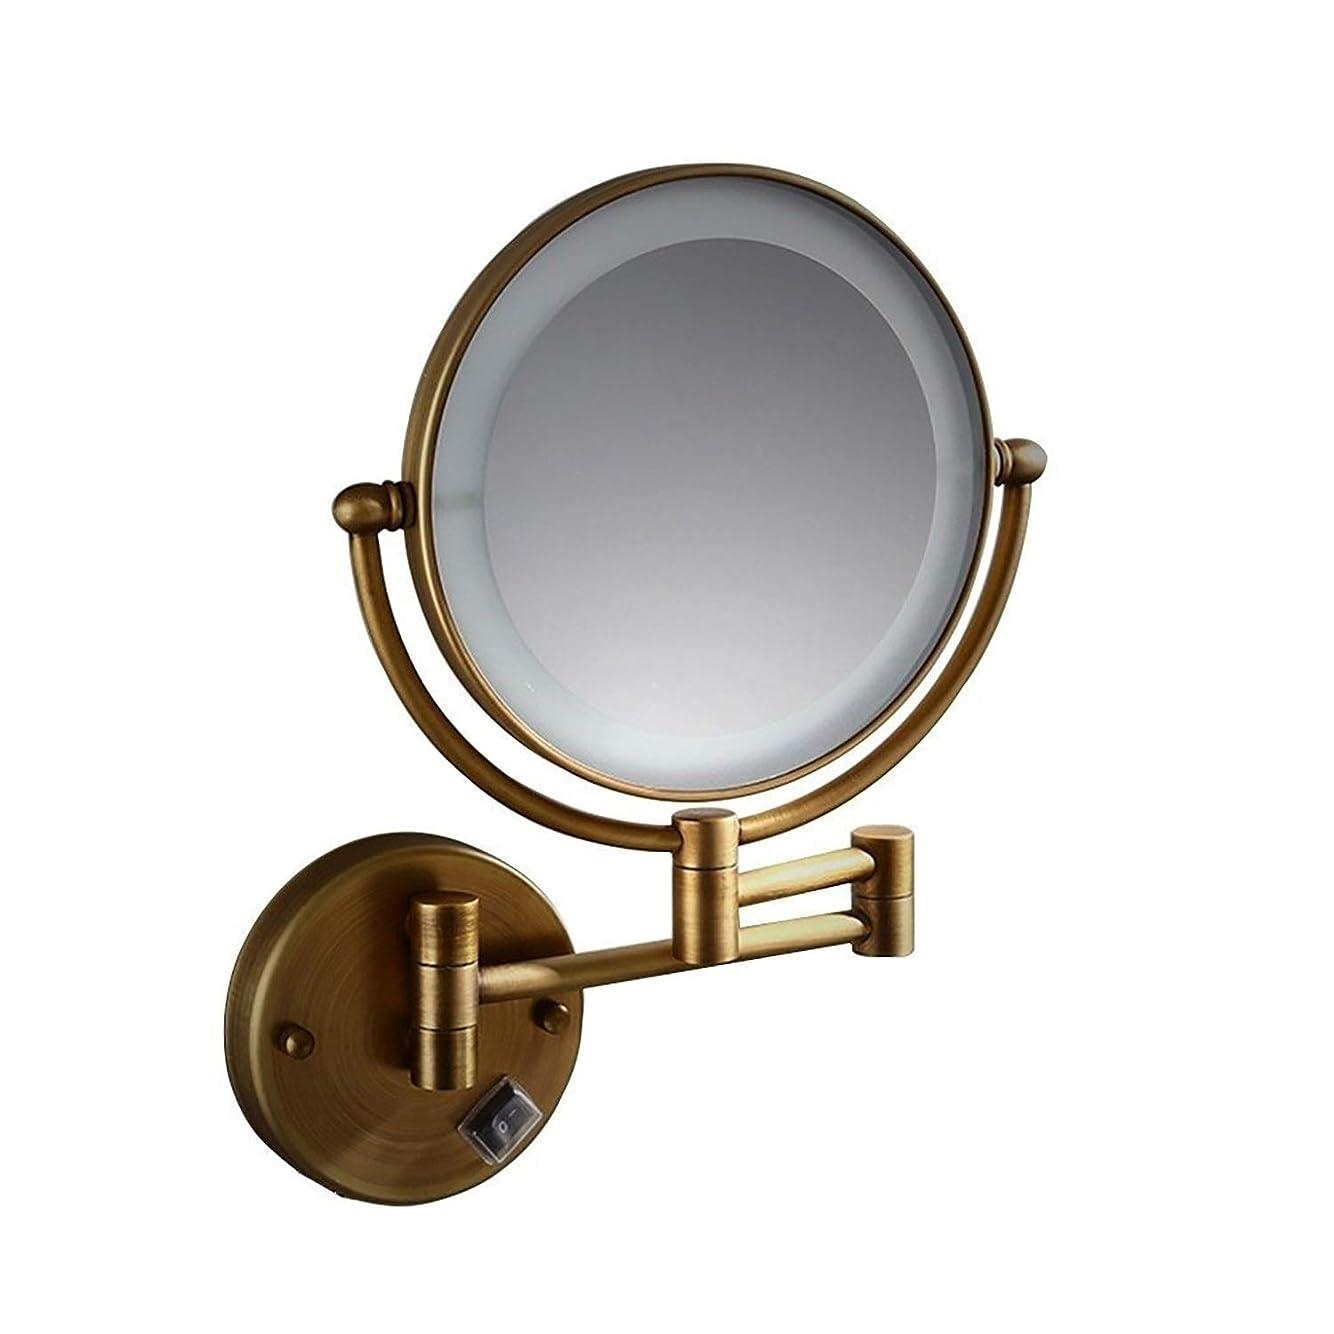 速報ちょっと待ってジュース壁掛けメイクアップミラー 両面照明付き化粧鏡8インチ壁掛けLED化粧鏡3X拡大鏡USB充電 (Color : Brass, Size : 8-inch 3XUSB charging)